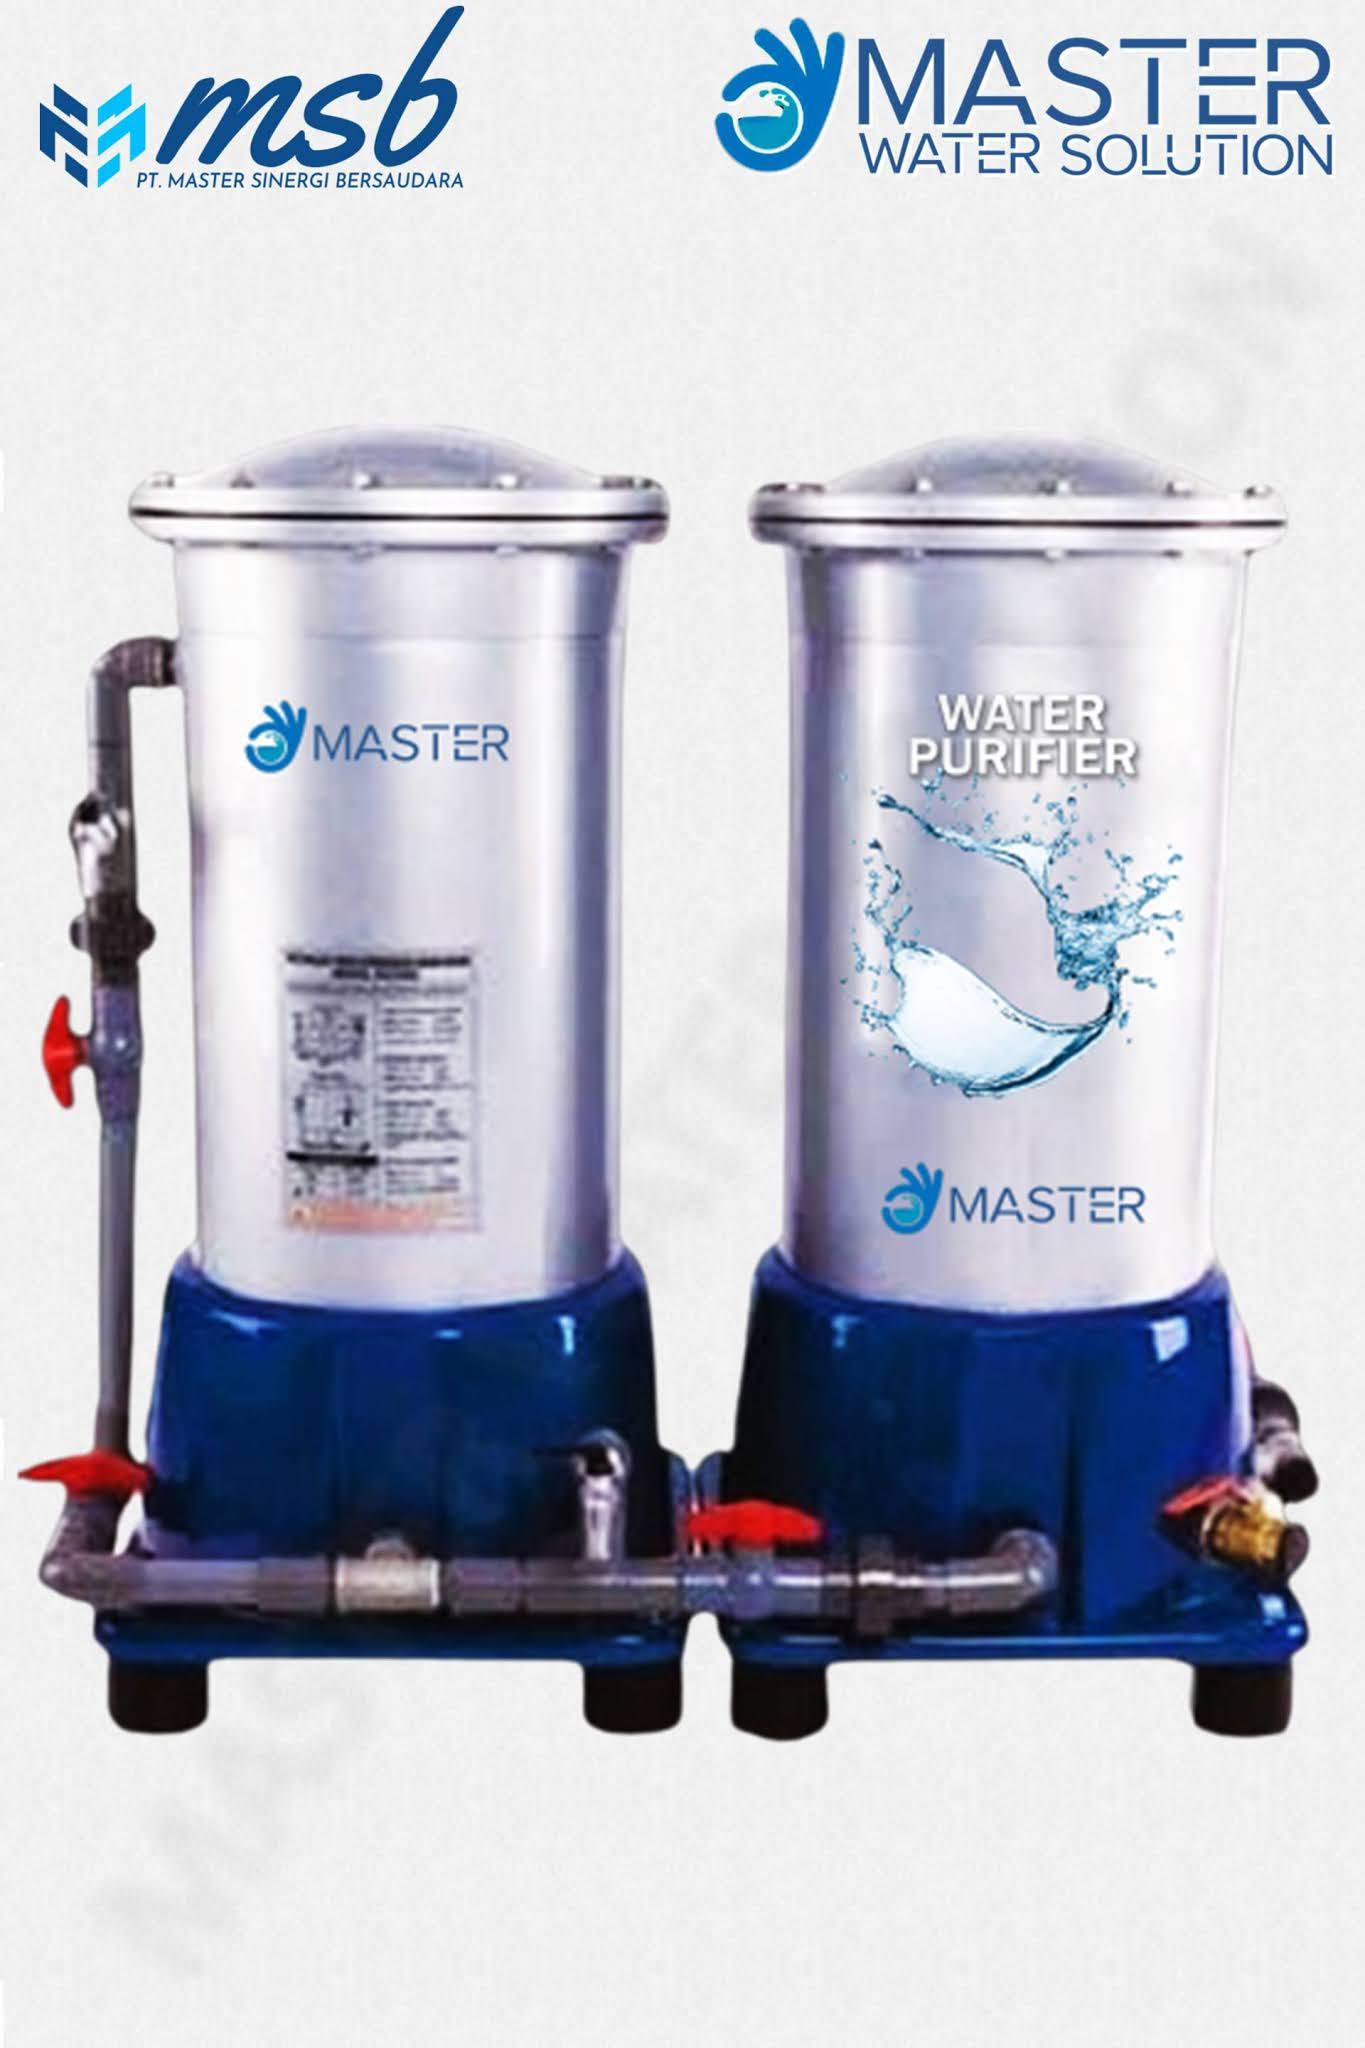 MASTER FIBER 4M³ (MF4)